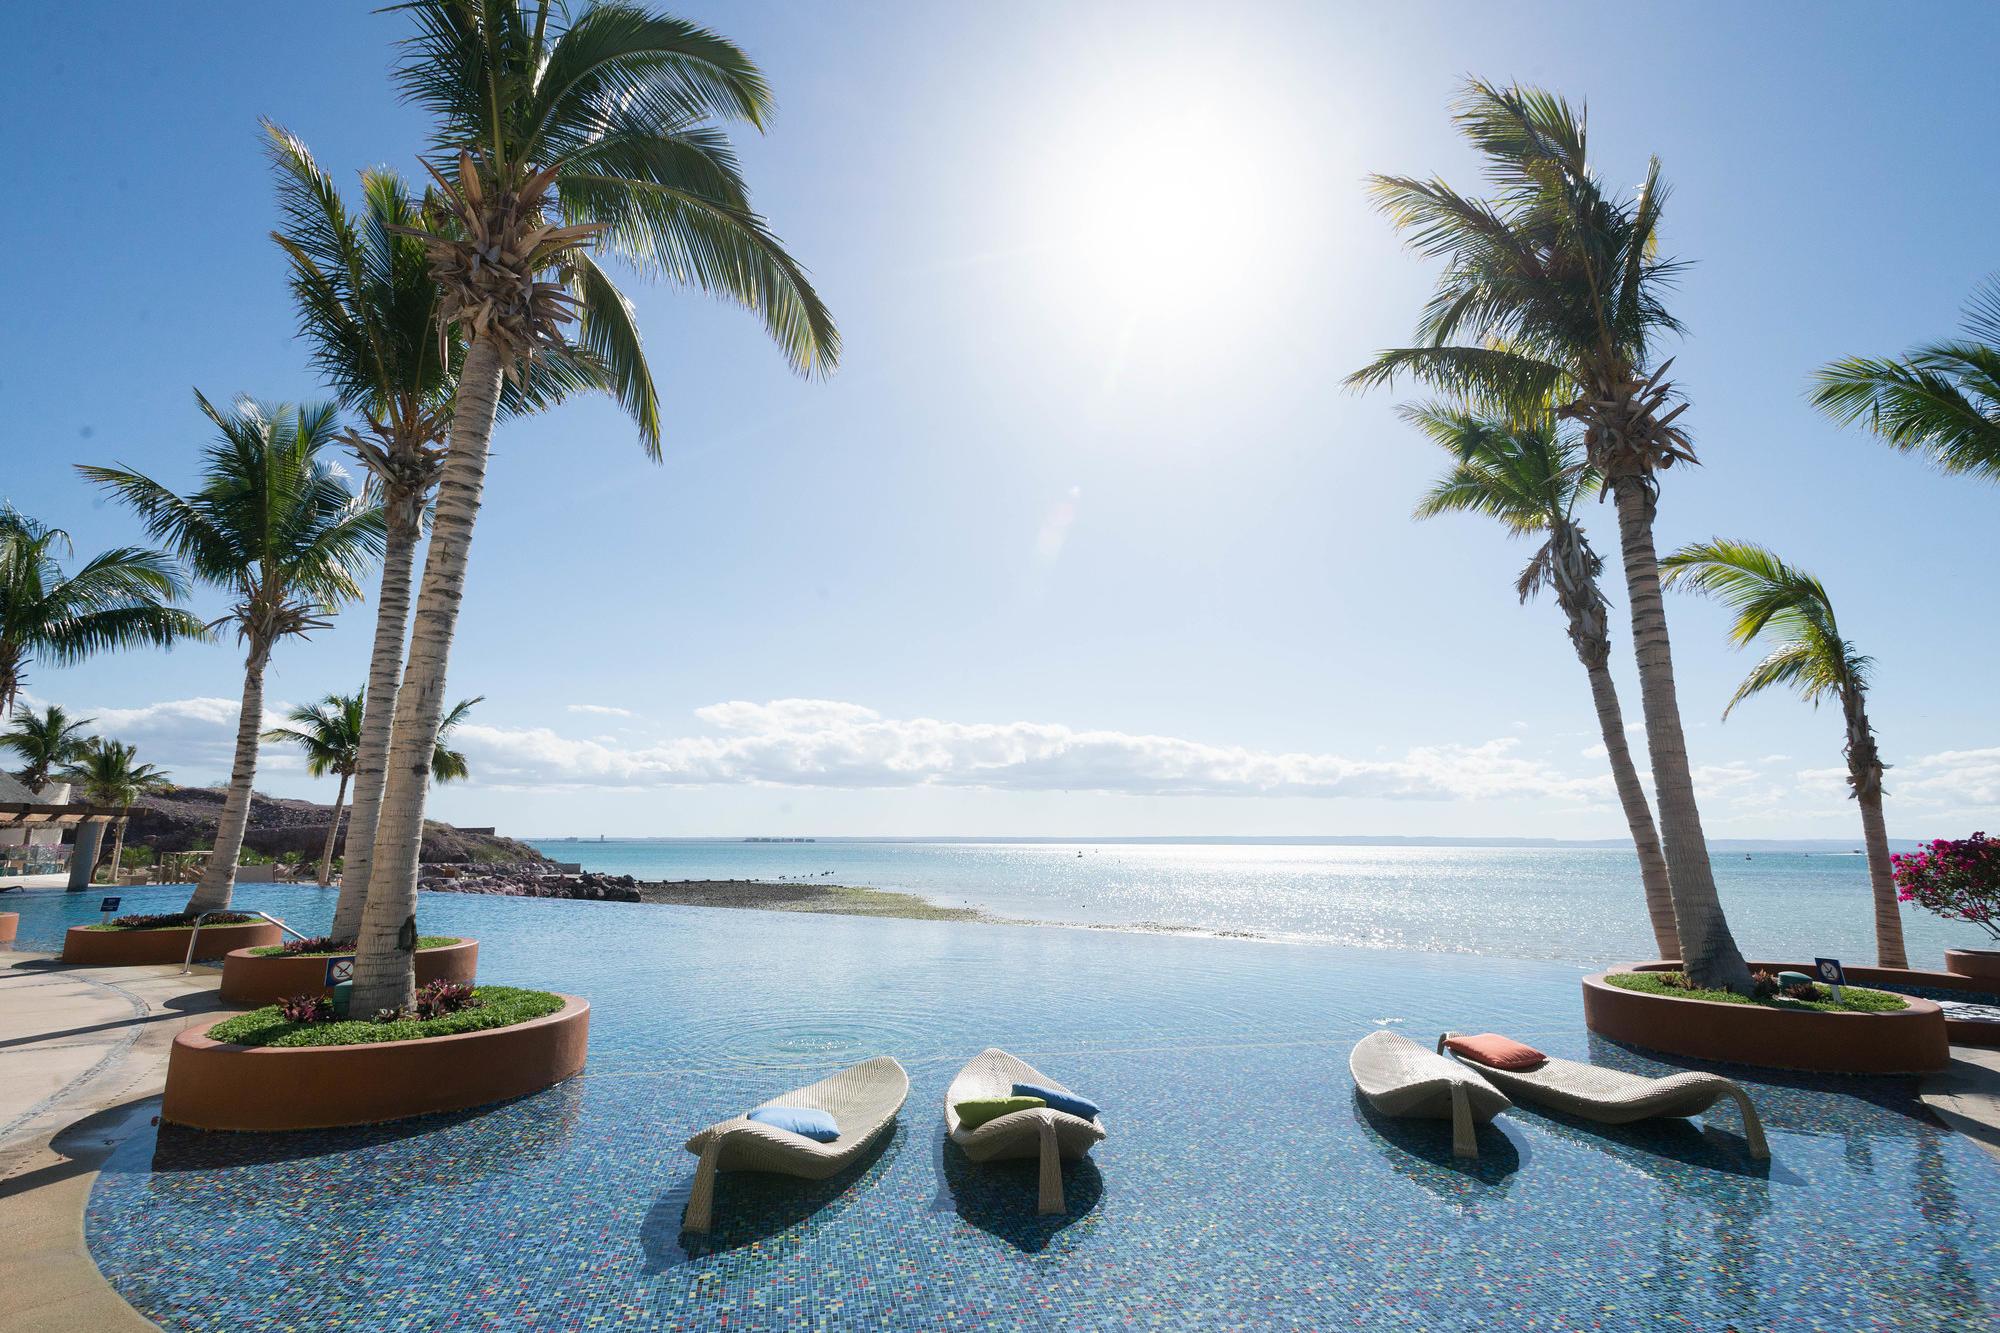 Main Pool at CostaBaja Resort & Spa